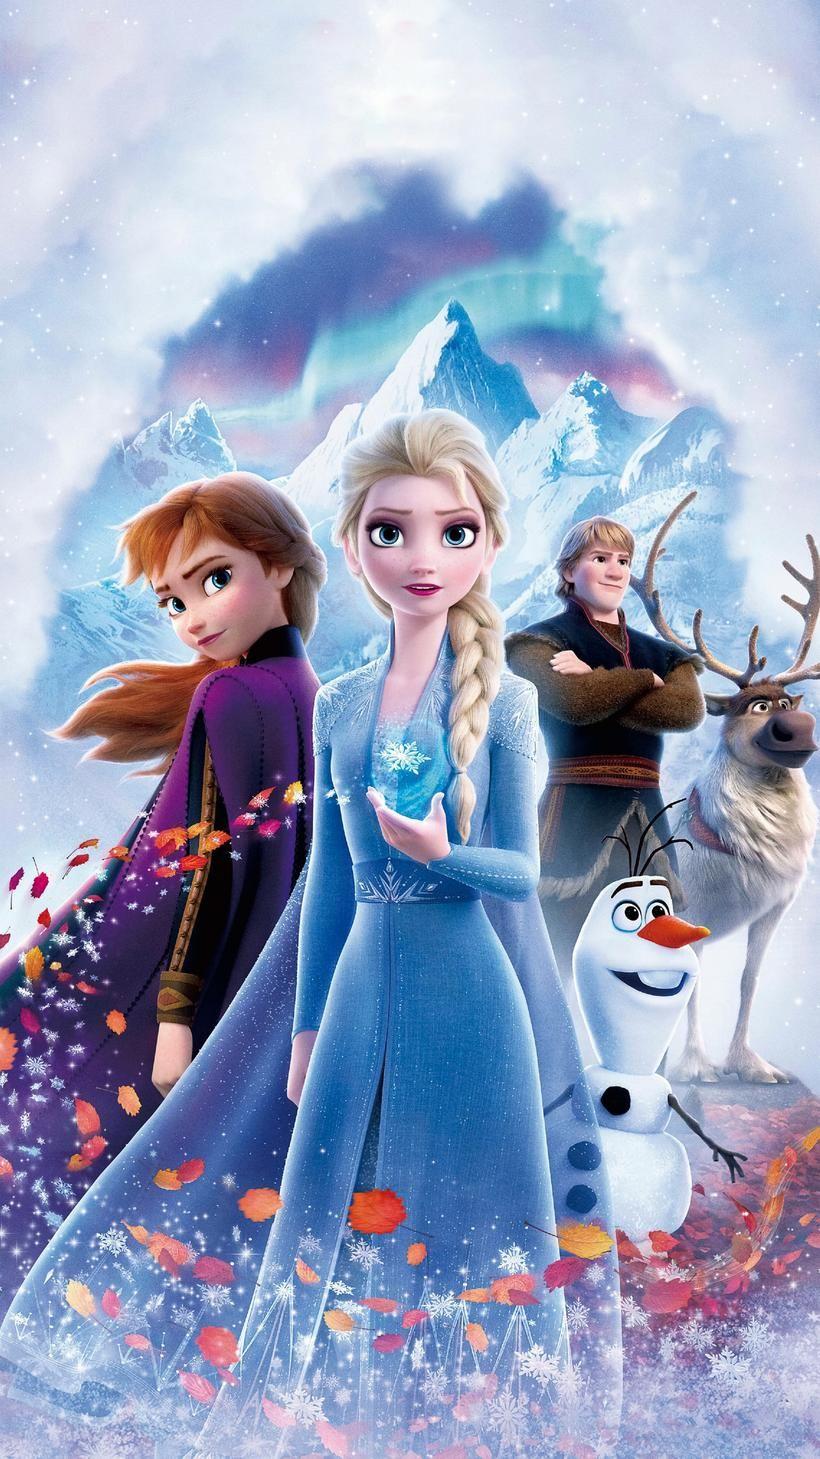 Frozen Ii 2019 Phone Wallpaper Moviemania In 2021 Frozen Poster Frozen Wallpaper Disney Princess Frozen